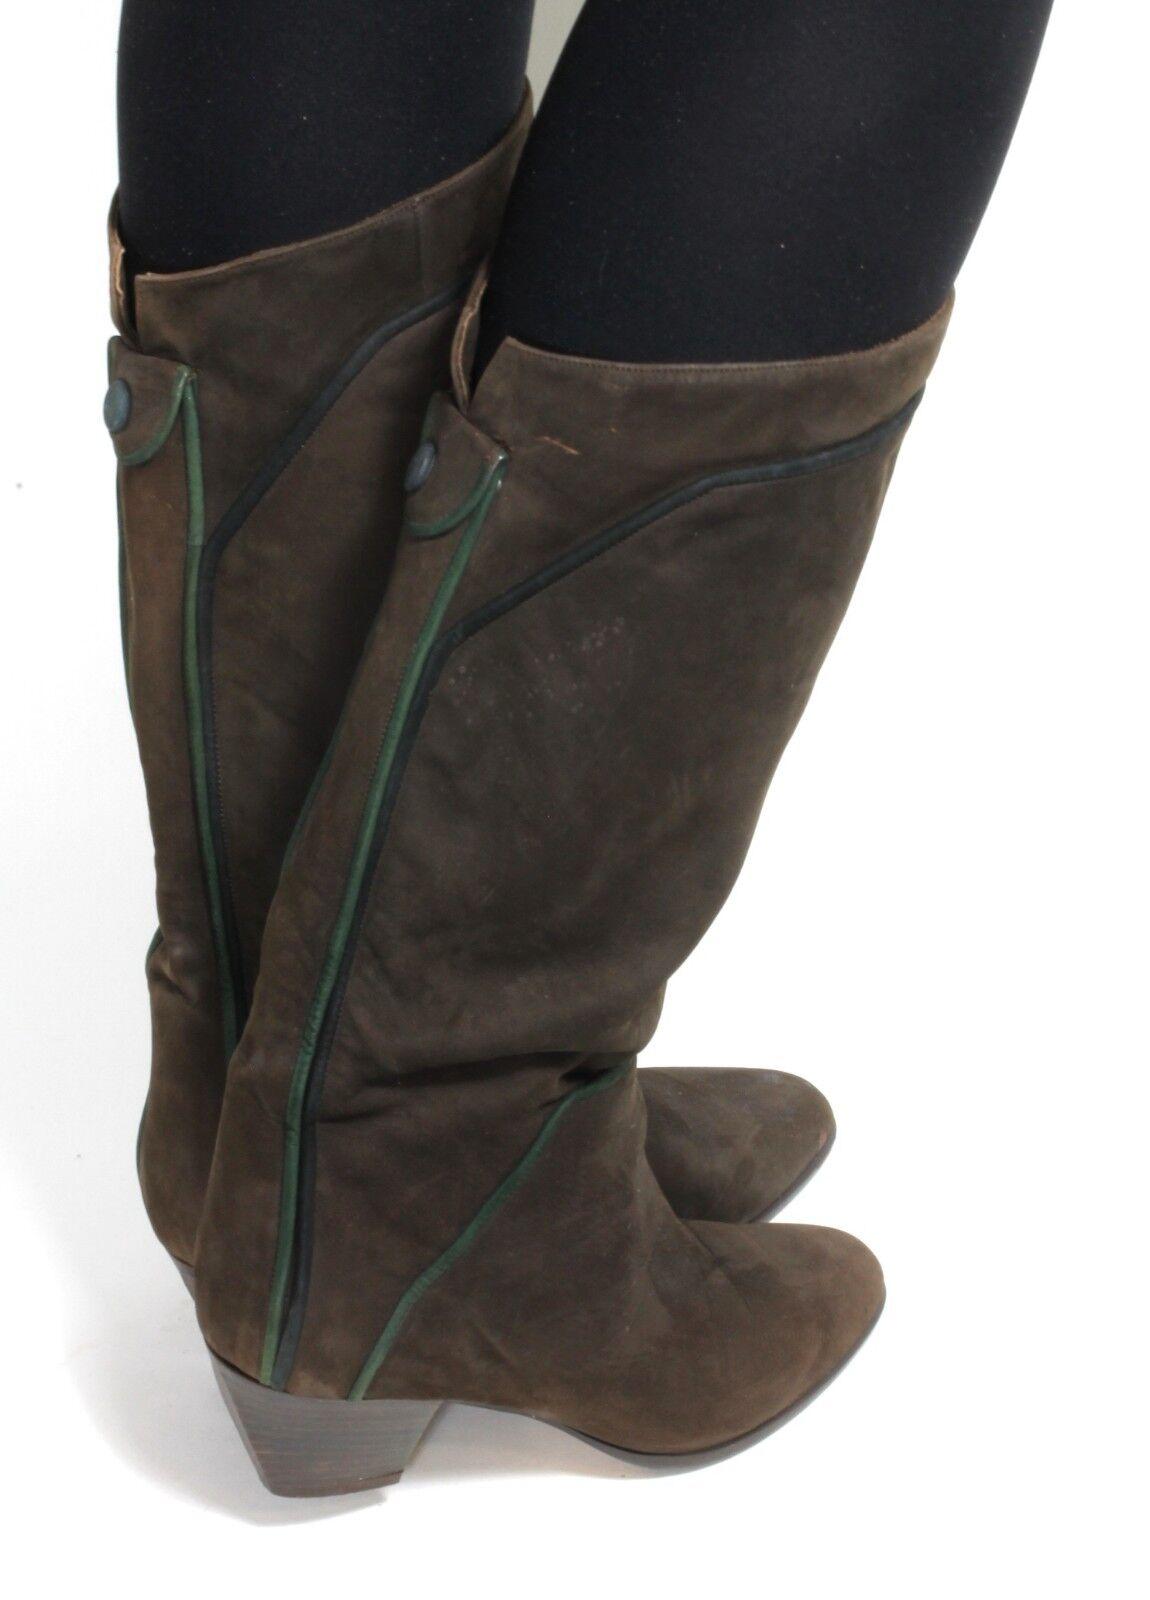 Damenstiefel vintage Stiefel Leder Blogger Hipster Heel Krempelschaft Heel Hipster Knopf 38,5 ed5c1c